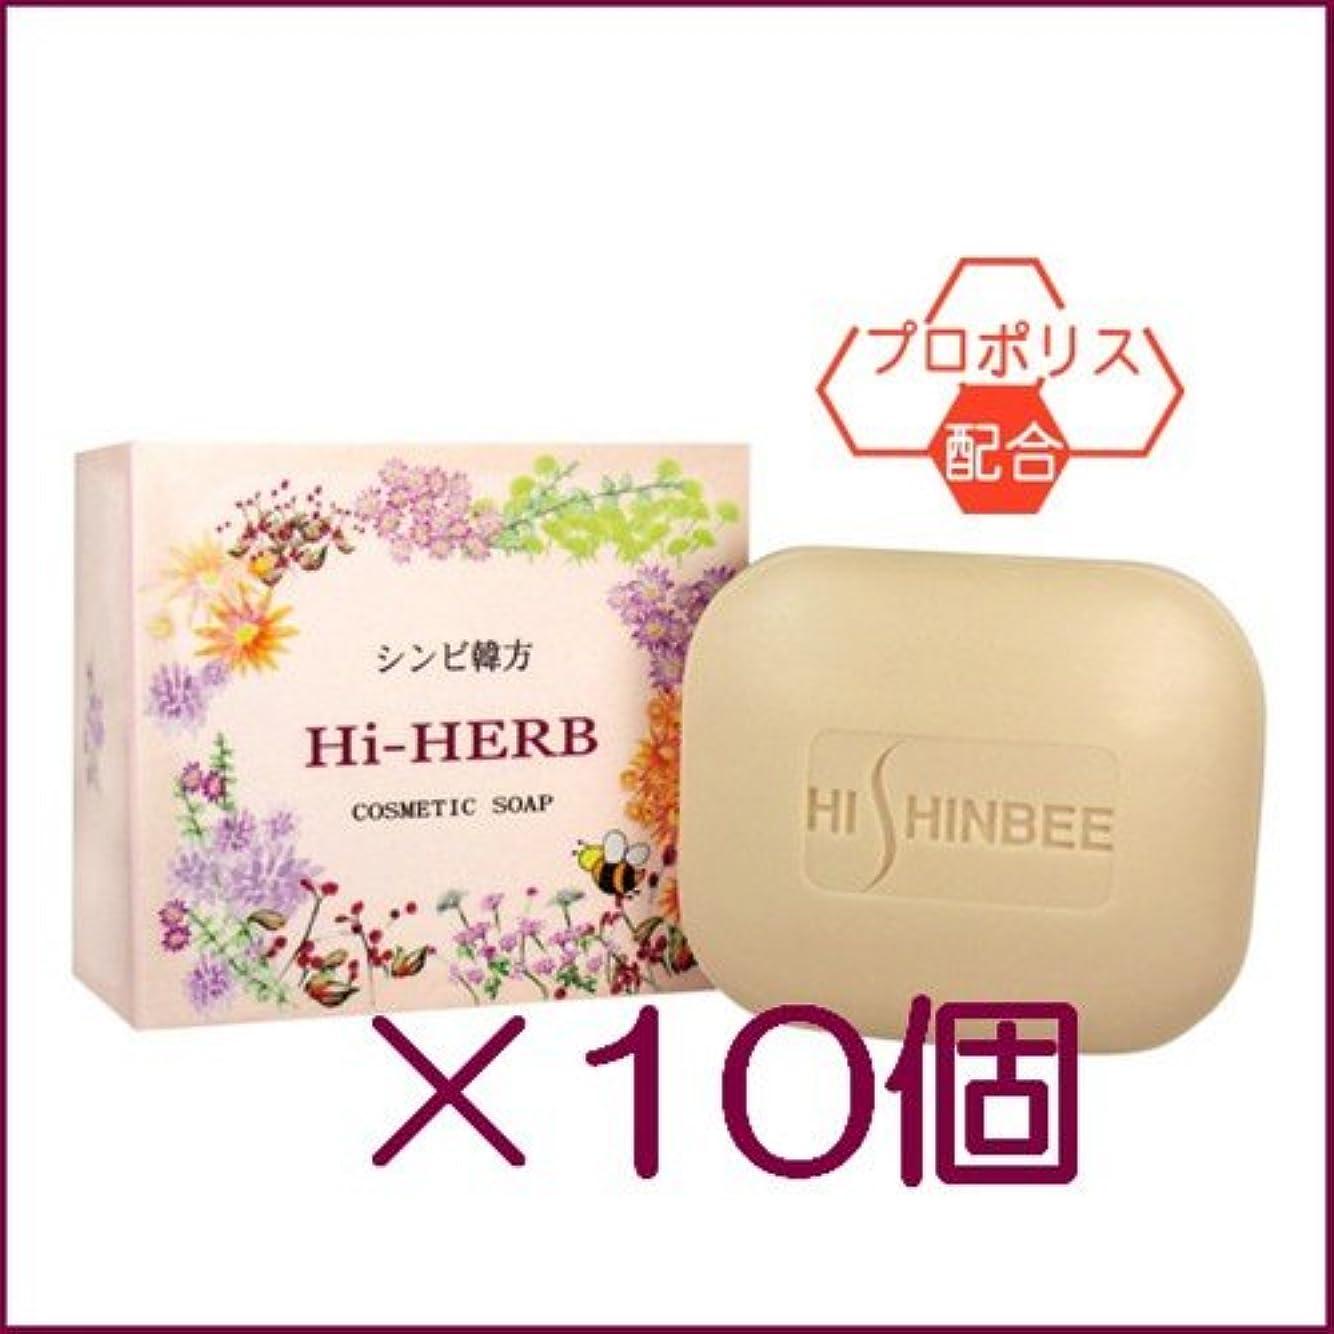 中世の横におびえたシンビ 韓方ハイハーブ石鹸 100g ×10個